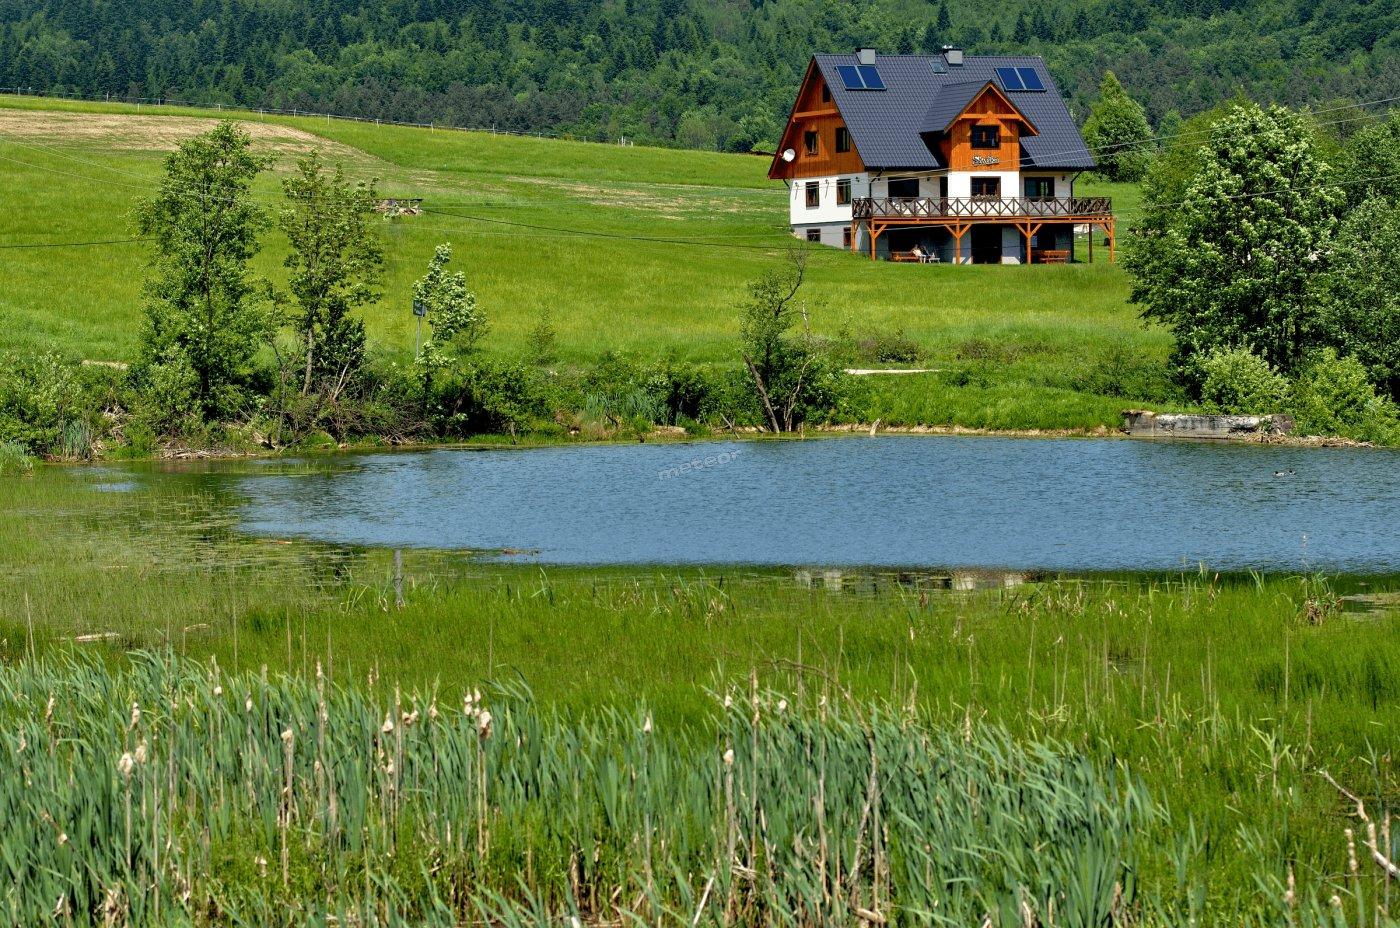 Siwejka Ropki widok z jeziorka na dom